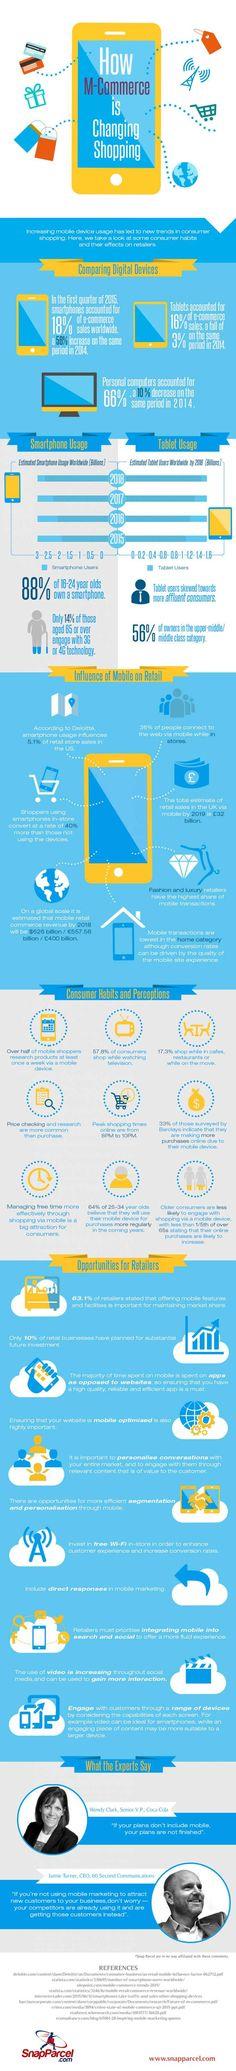 Wie der Mobile Commerce den Handel verändert #mcommerce #retail